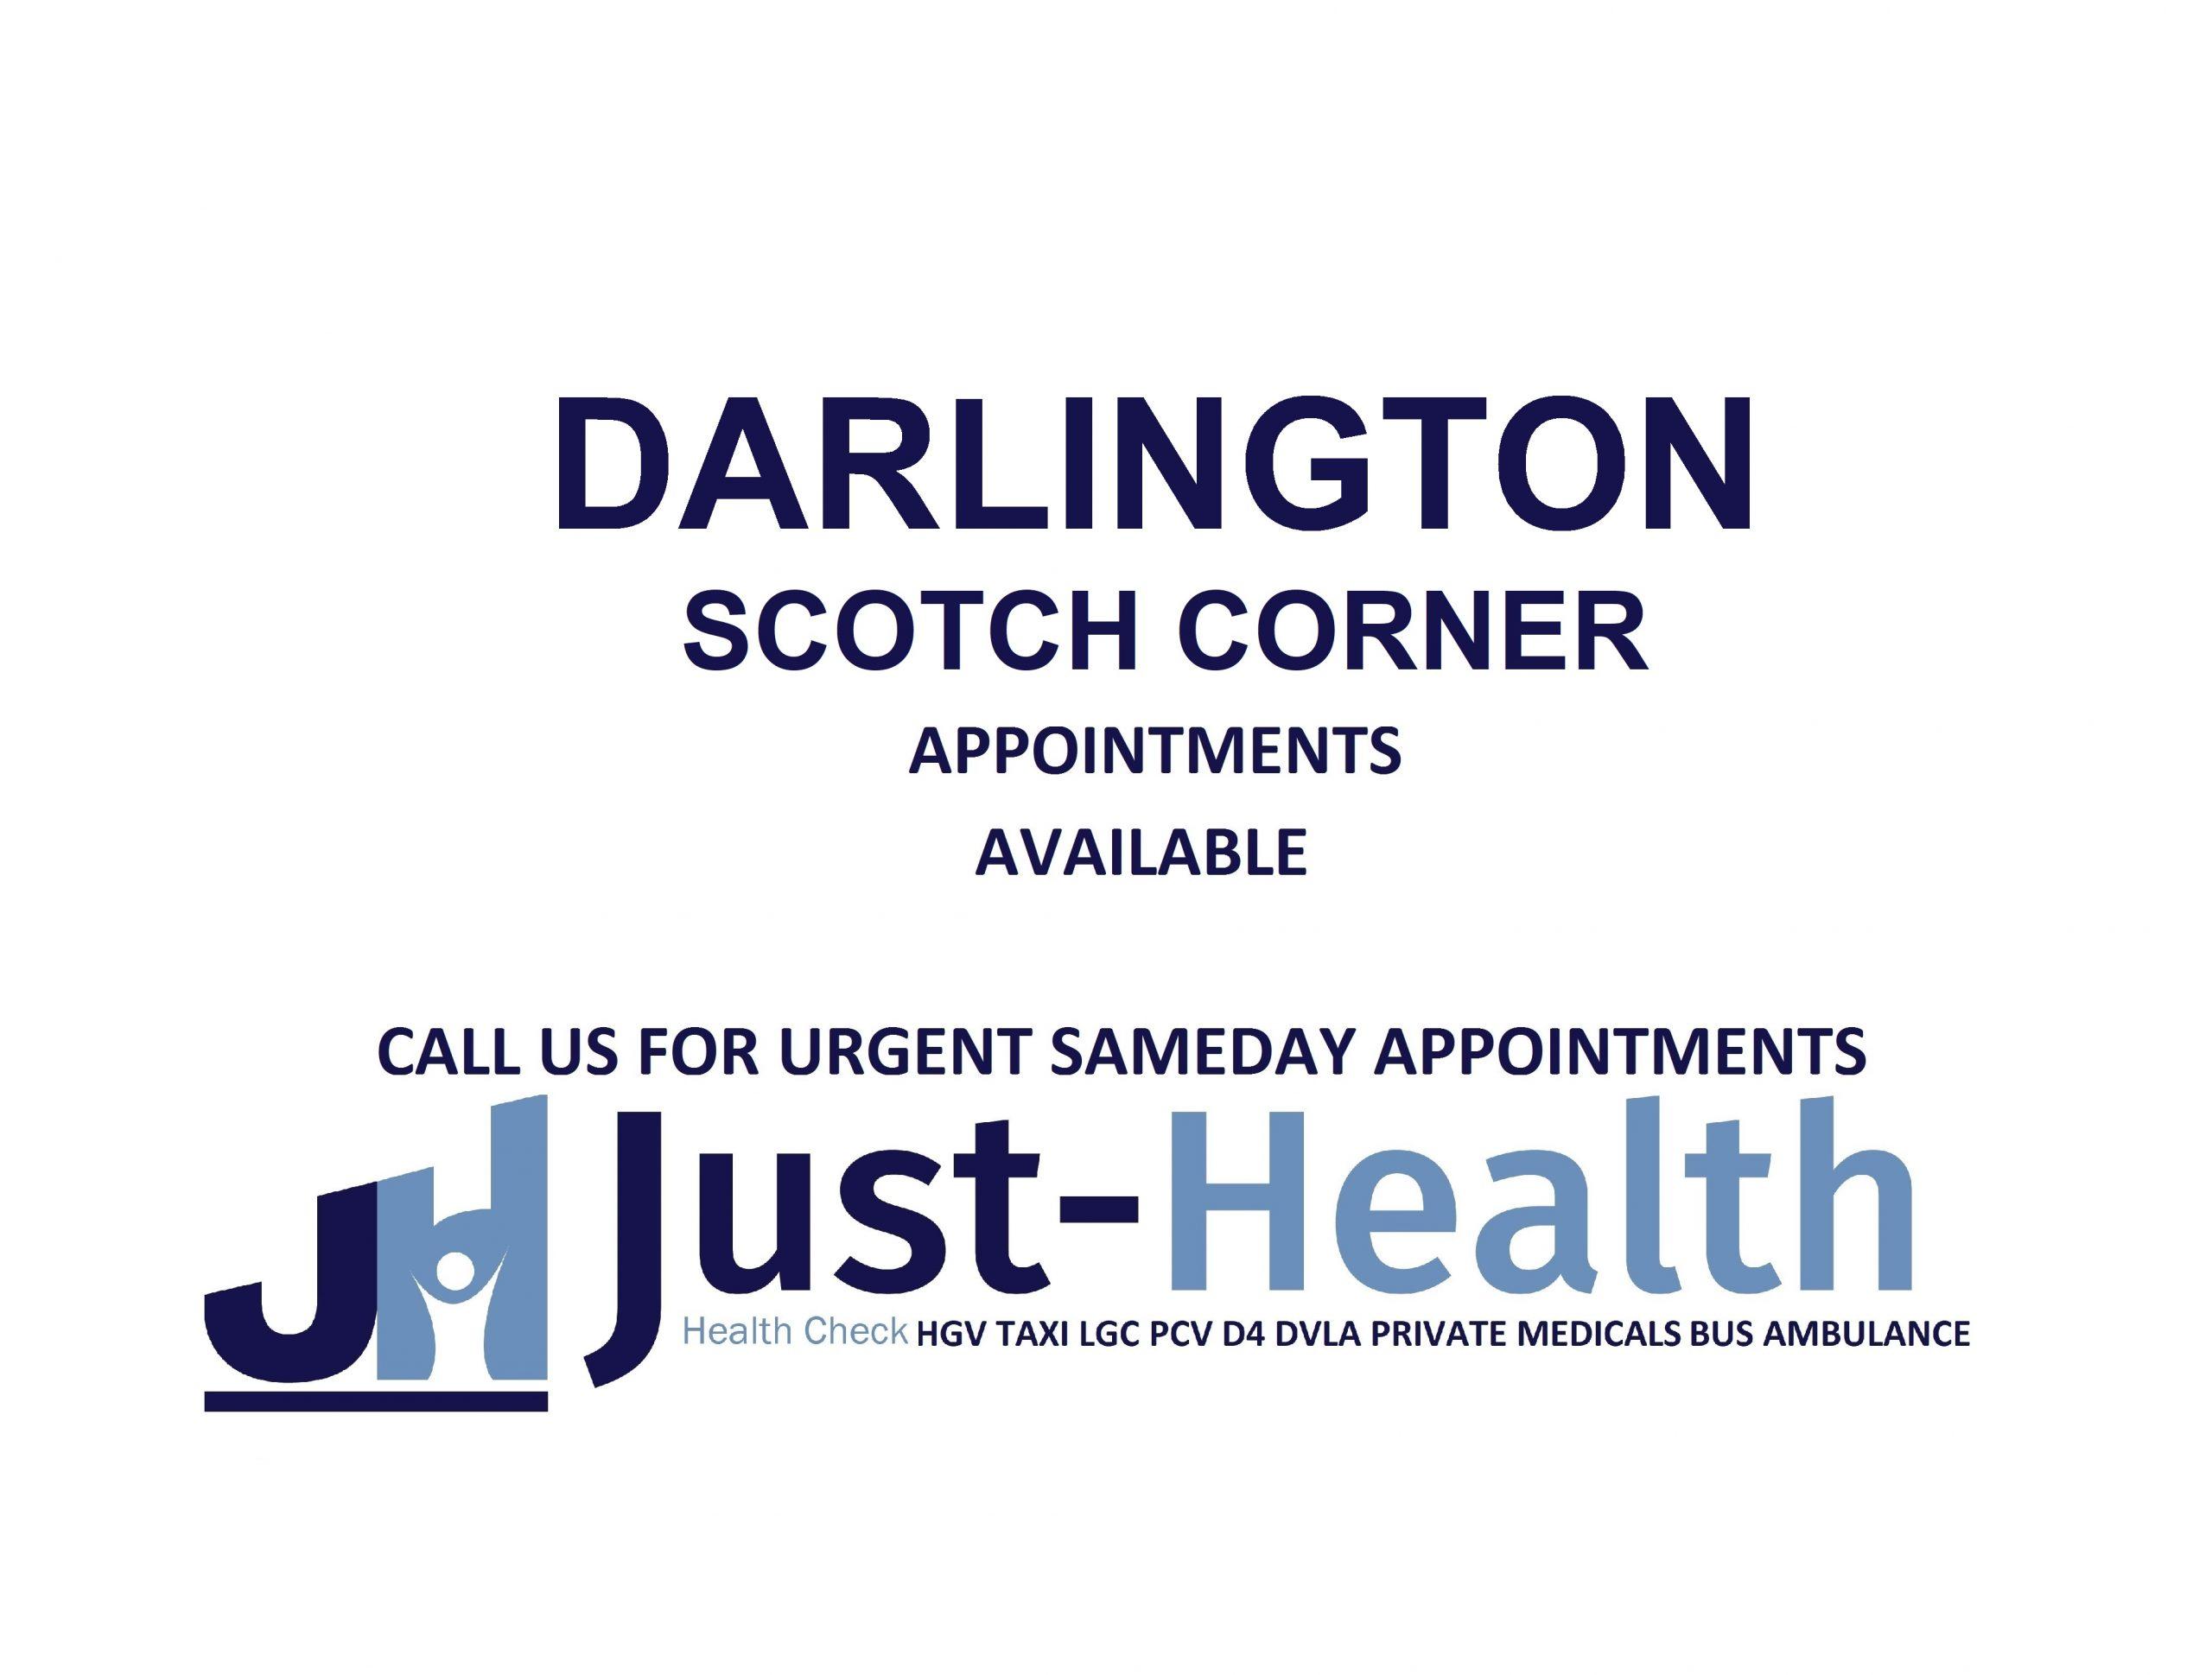 D4 Driver medicals hgv pcv c1 Darlington